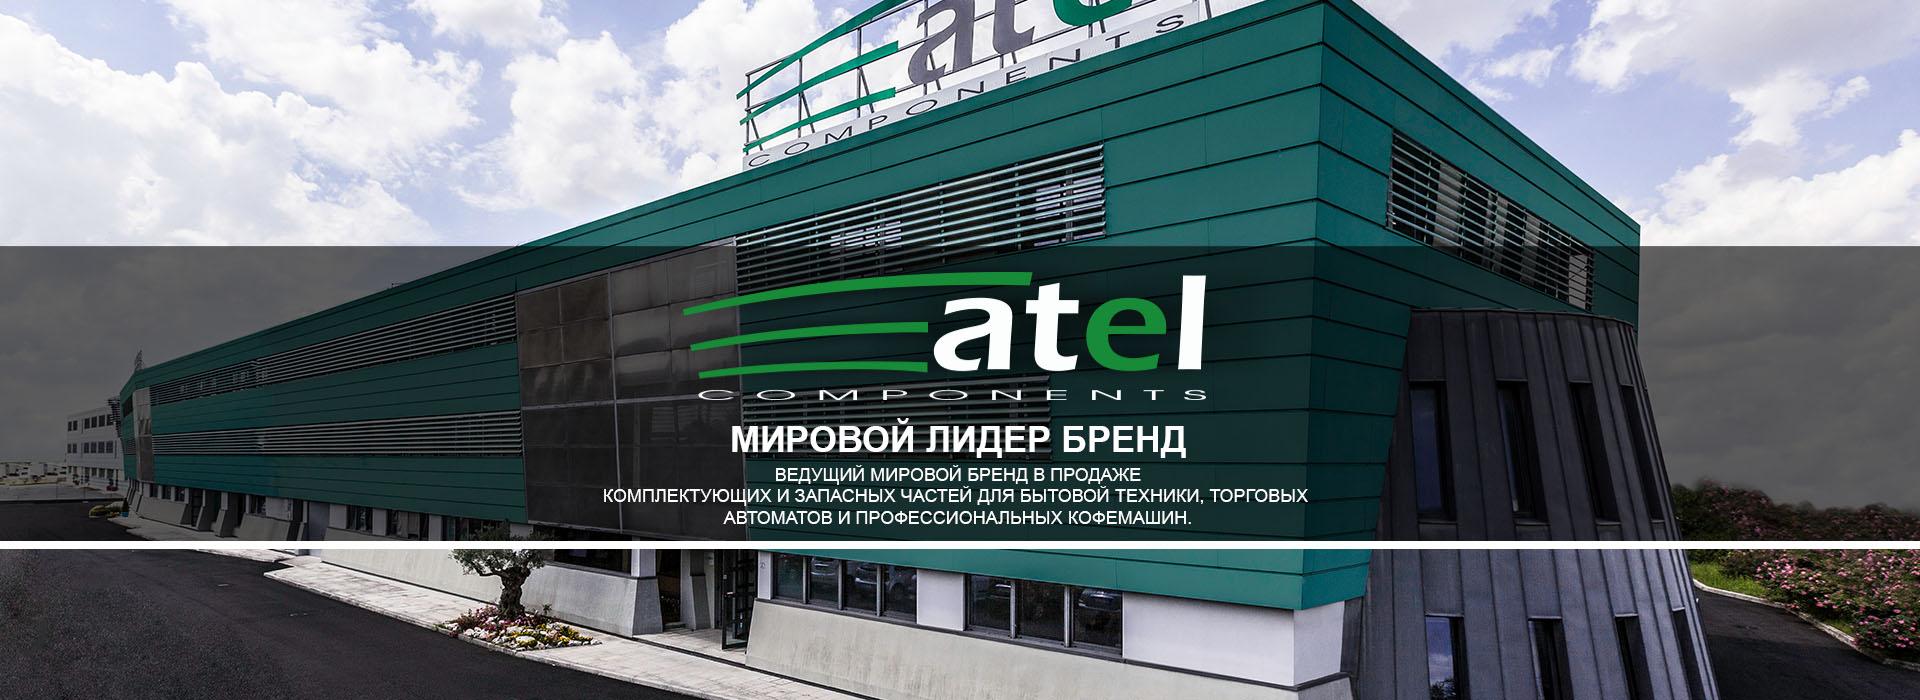 AZIENDA_INTRO_RUS